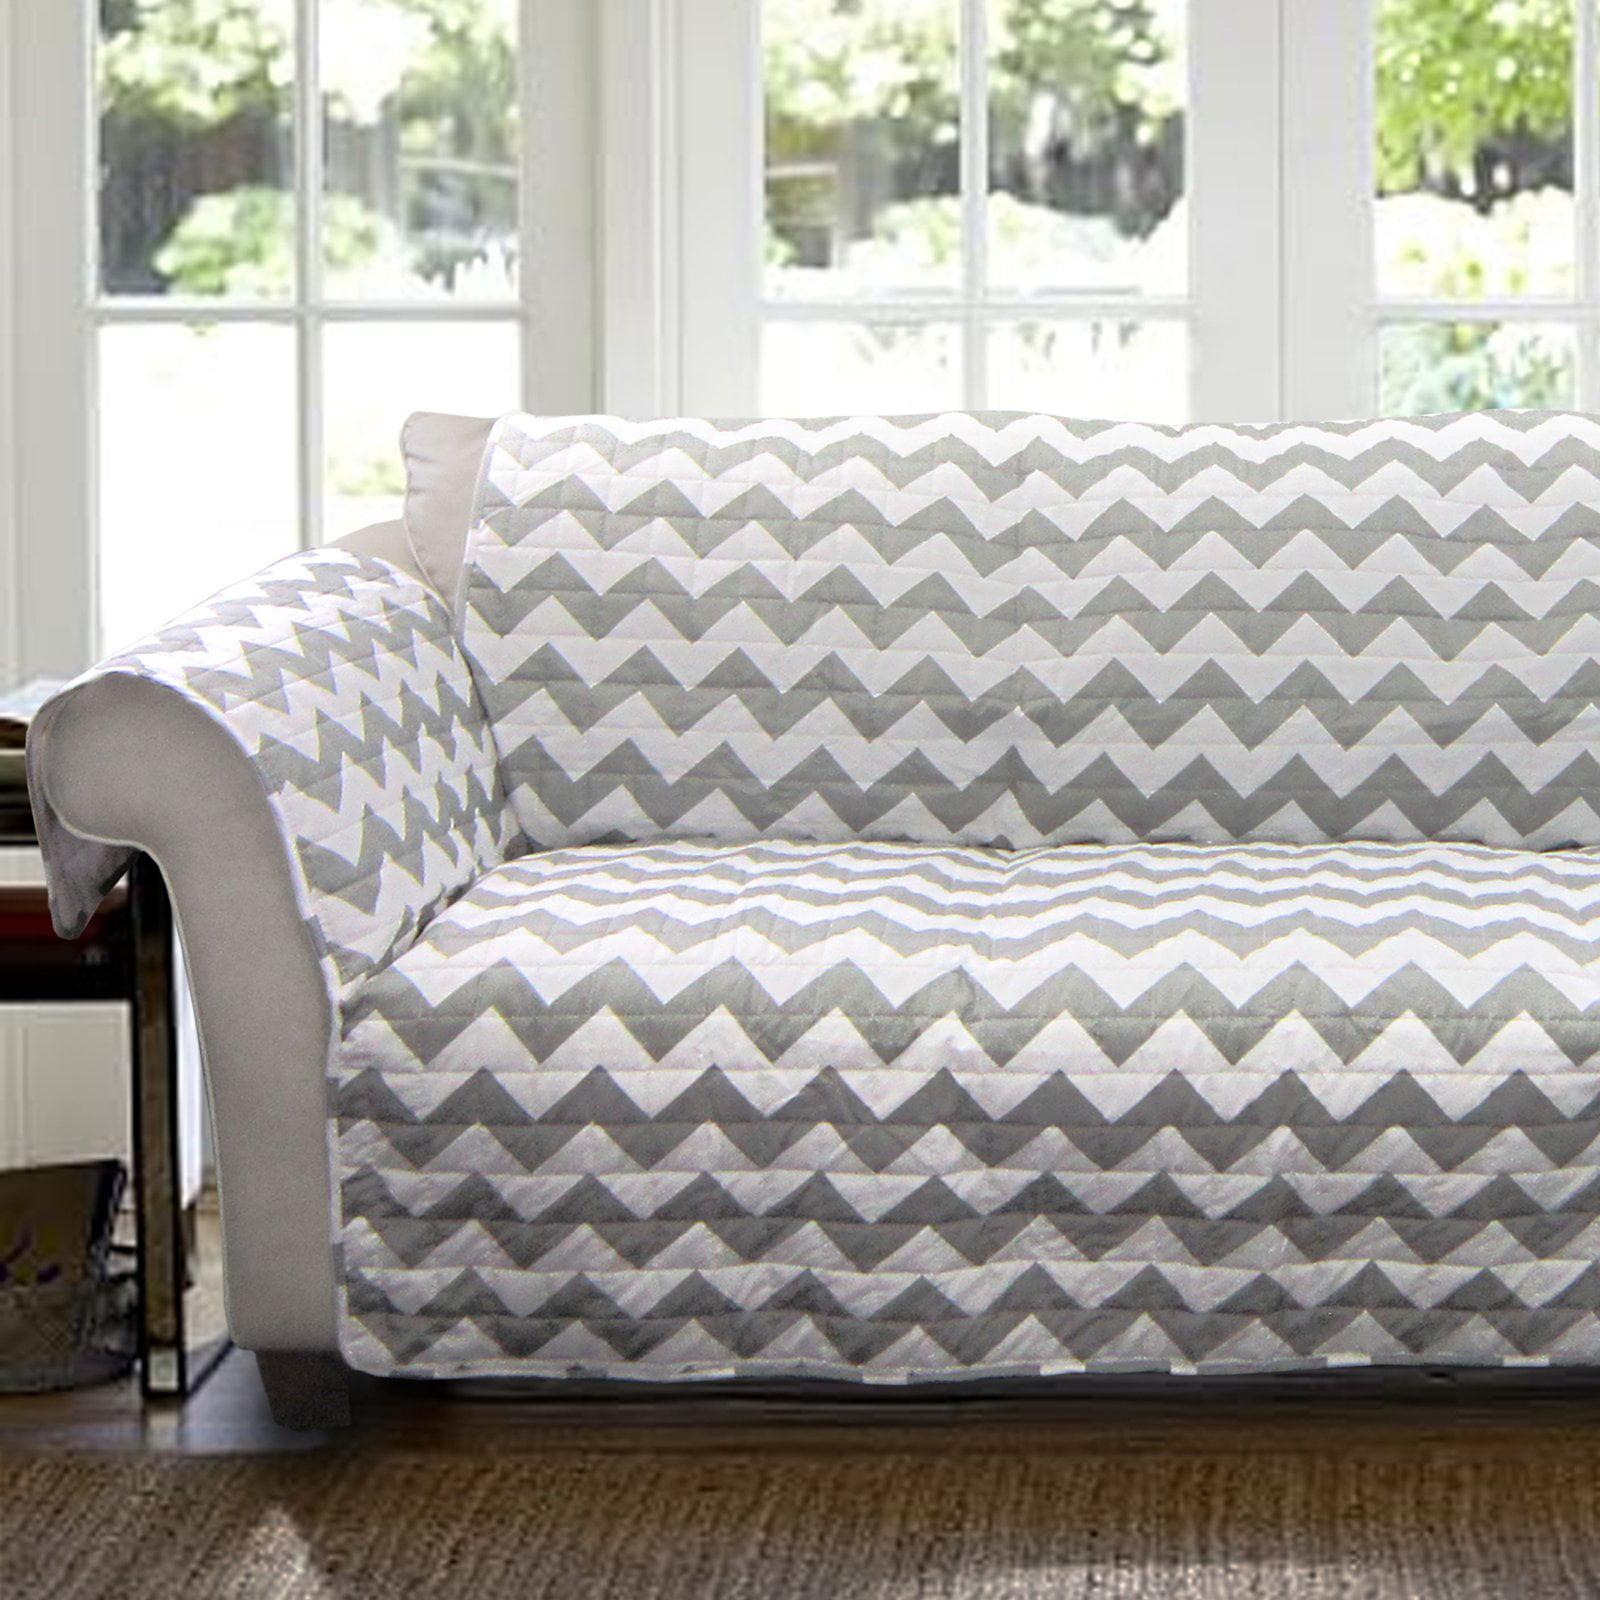 Chevron Furniture Protectors Greywhite sofa couch cover Walmartcom